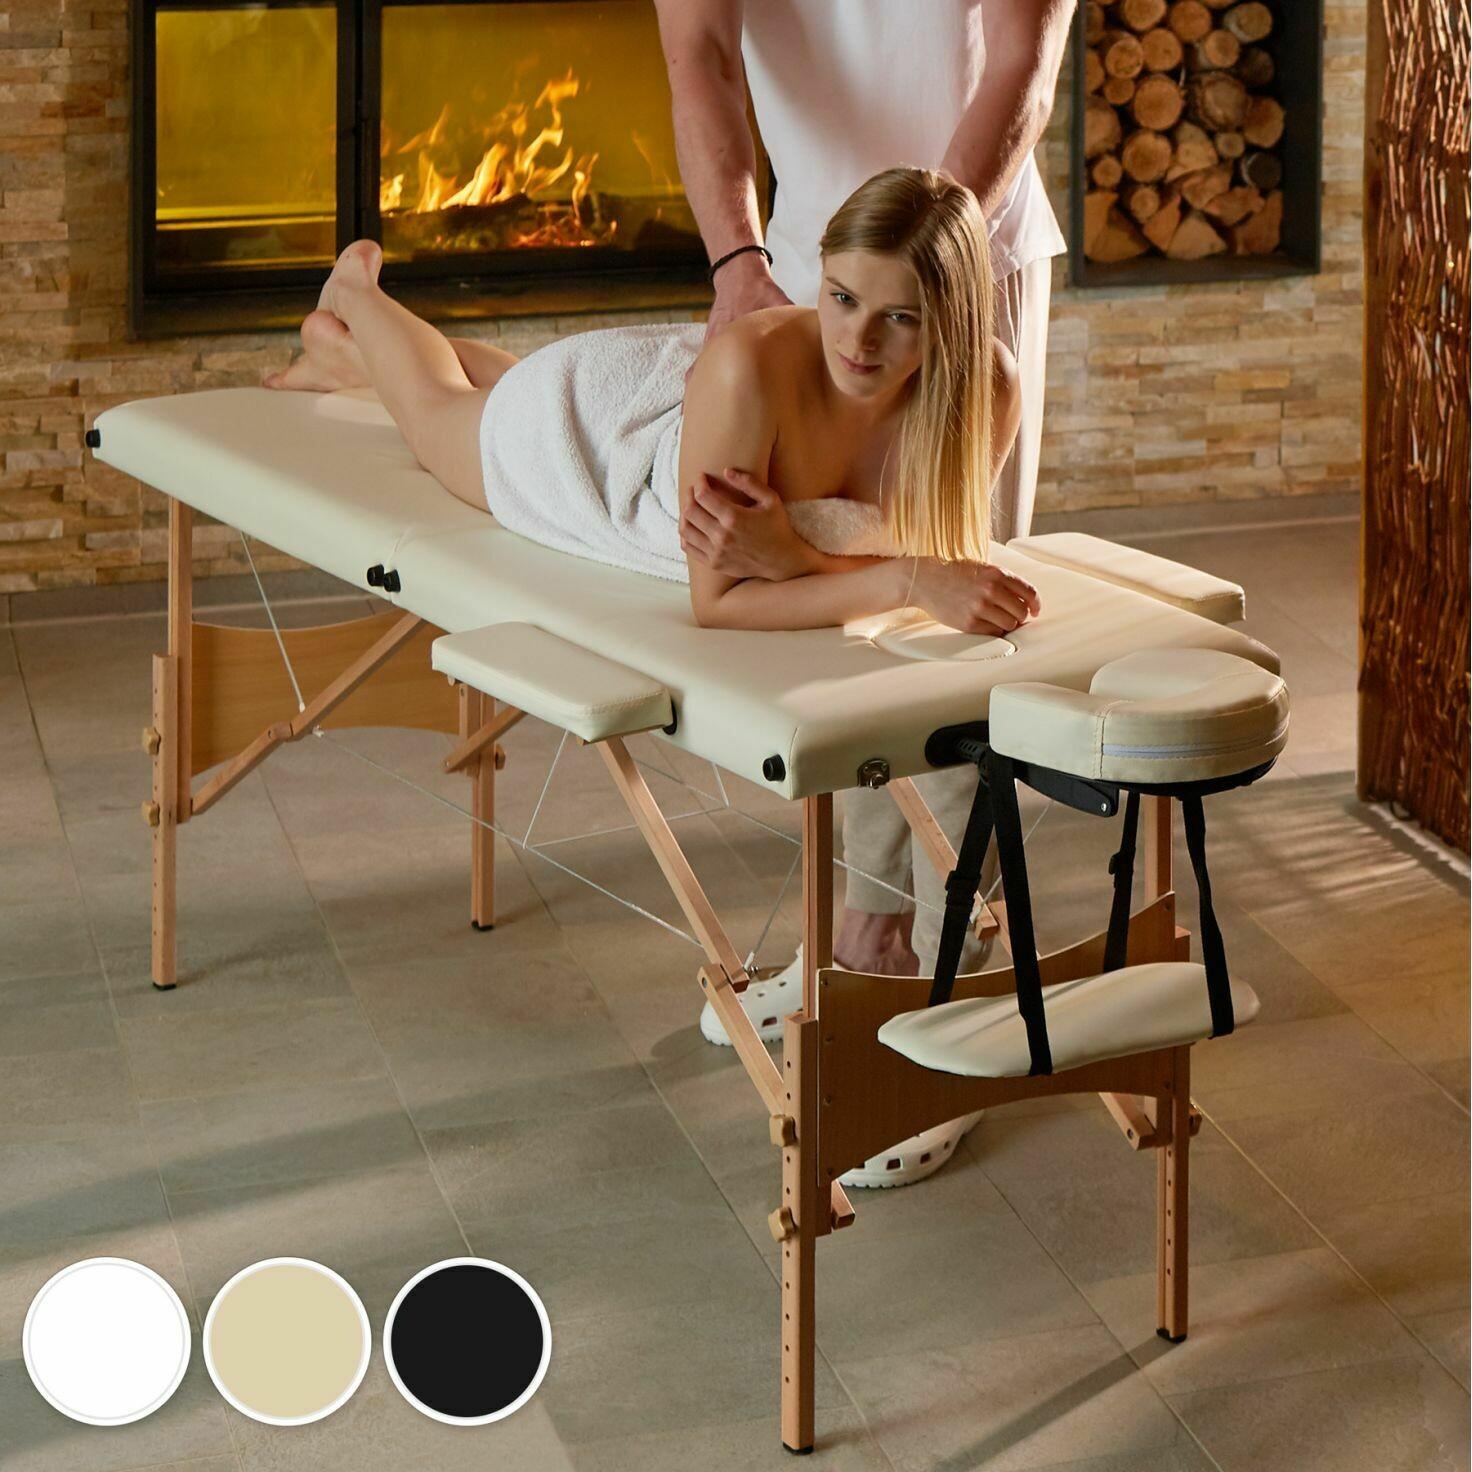 Masažna miza LES 2 conska - 3 barve